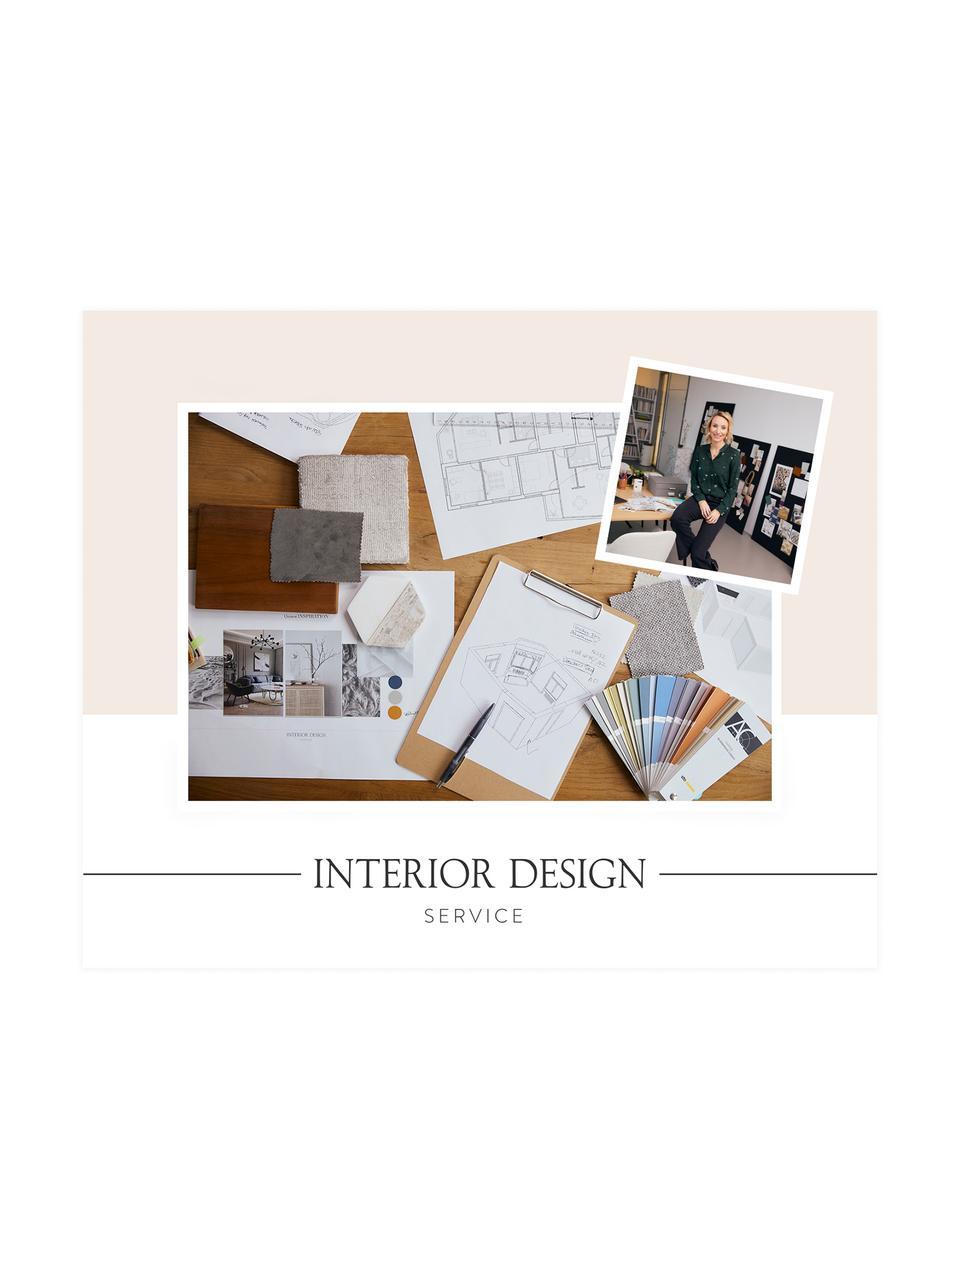 Interior Design Service für 1 Wohnbereich, Digitaler Gutschein. Sobald Ihre Bestellung bei uns eingegangen ist, beginnen unsere Interior-Experten mit der Erstellung Ihres individuellen Styling-Konzepts, das Sie in der Regel binnen 5 bis 10 Werktagen per E-Mail erhalten., Weiß, CHF 199